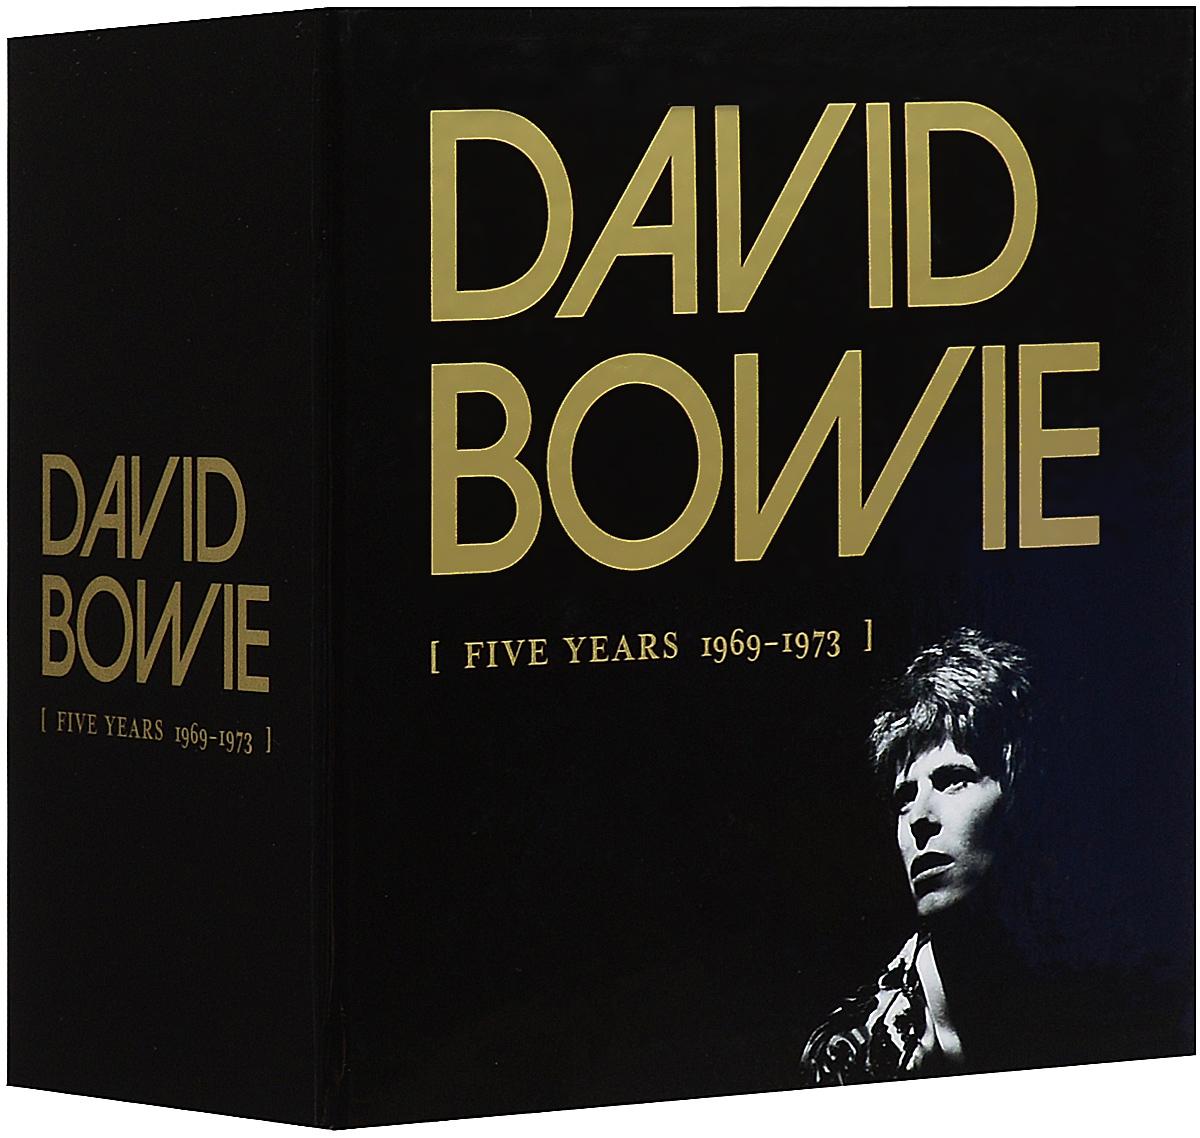 Дэвид Боуи David Bowie. Five Years 1969-1973 (12 CD) david pogue classical music for dummies